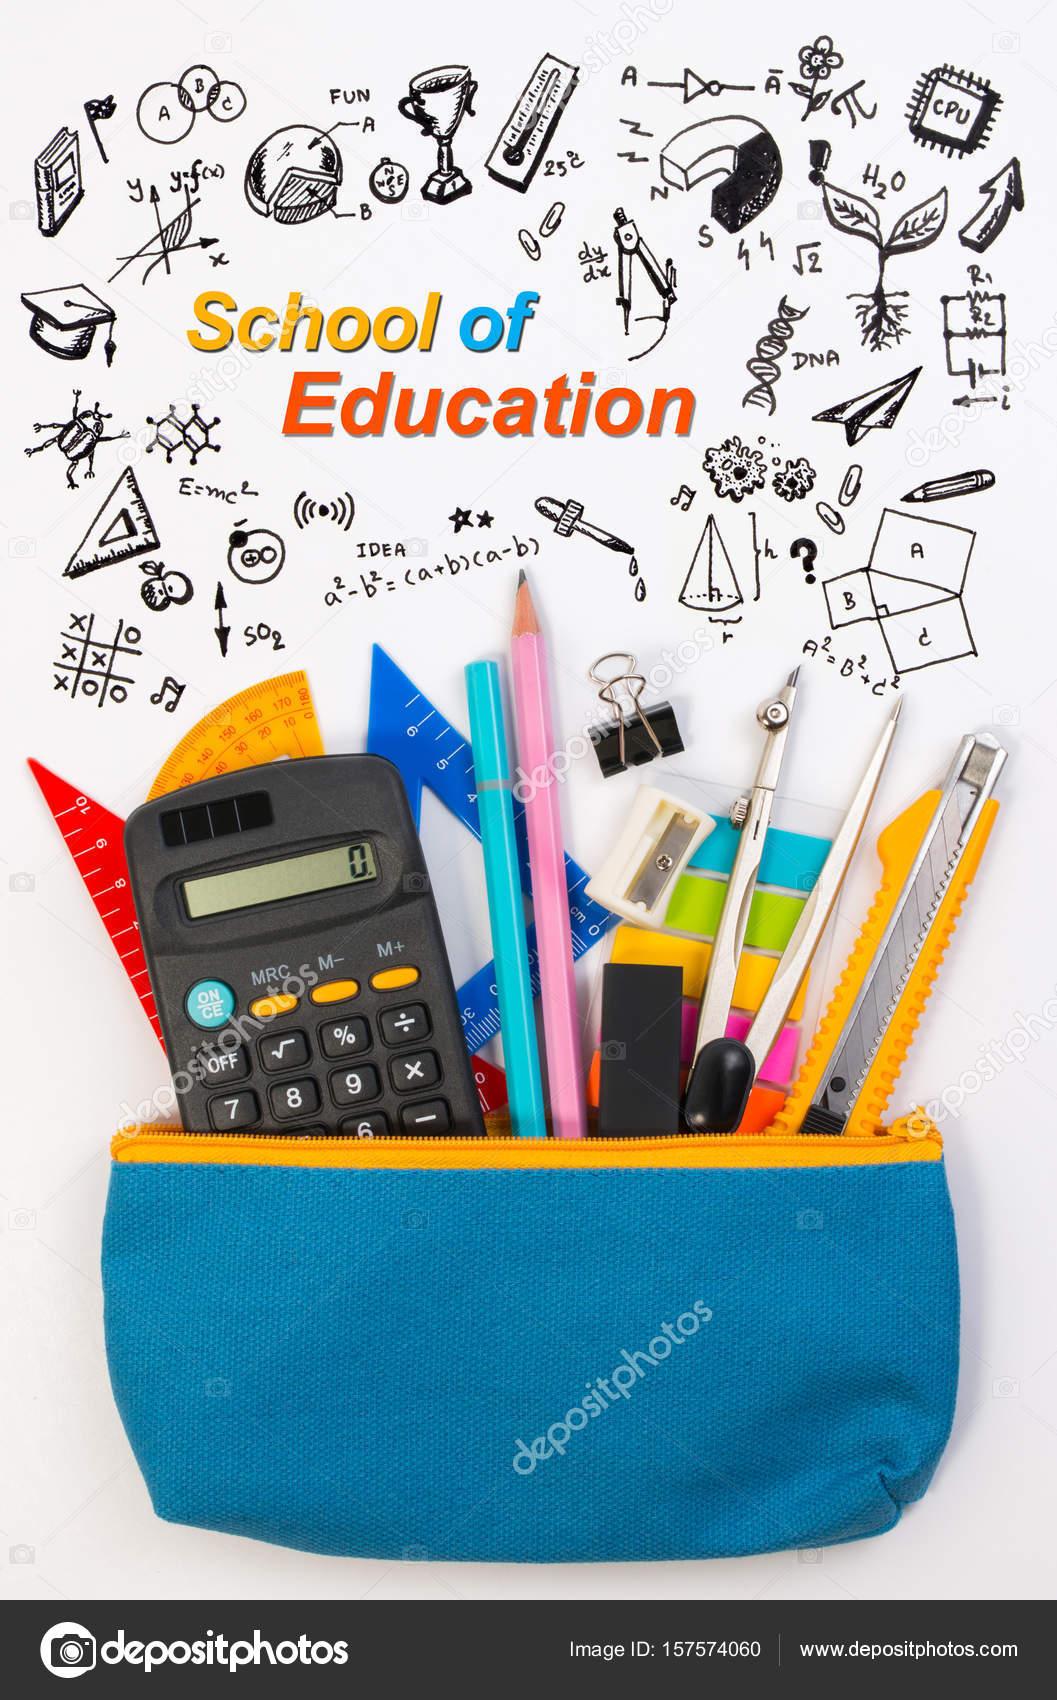 Studentské tašky nebo tužka penál s školní potřeby pro studenty na bílém  pozadí. Modrá tužka box s vybavením školy pro math třídy izolovaných na  bílém ... 6392065ce0